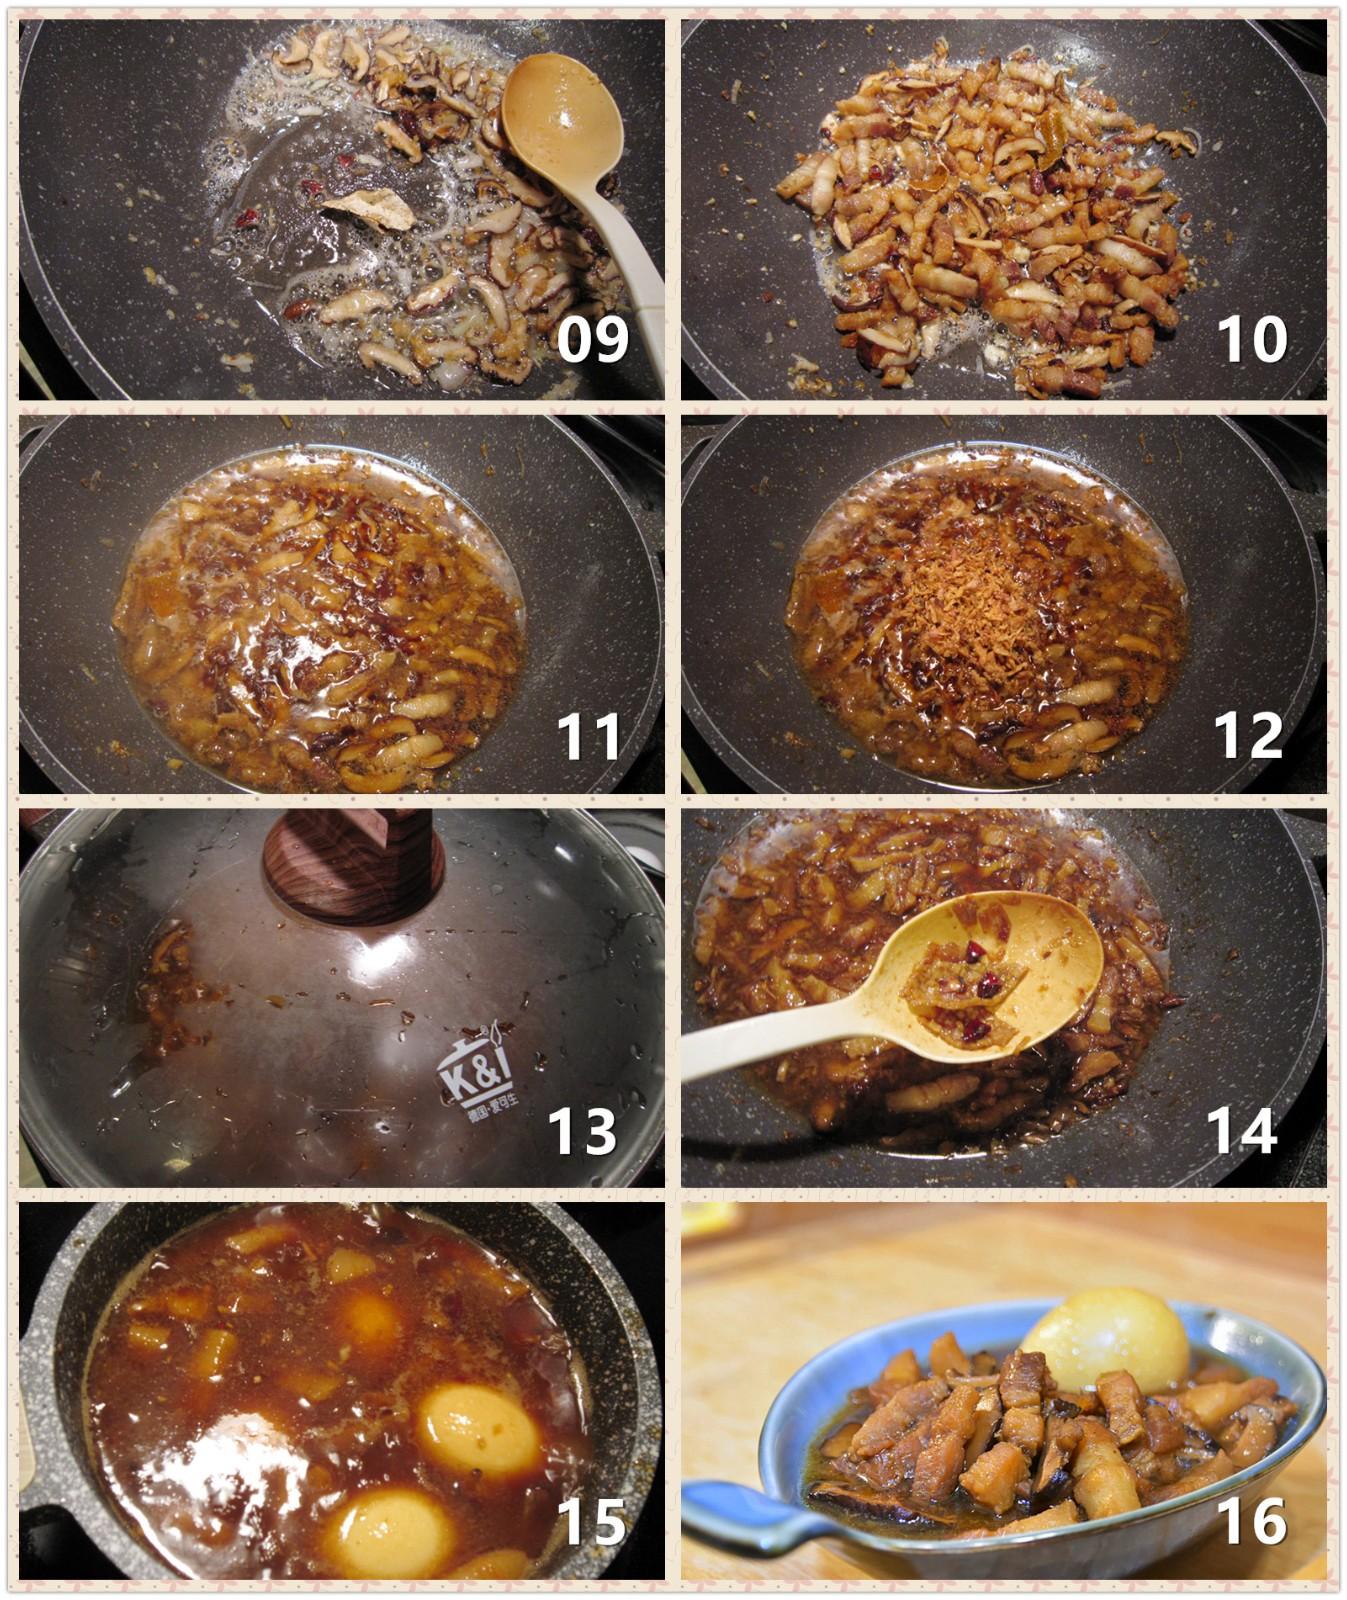 台湾风味卤肉_图1-3